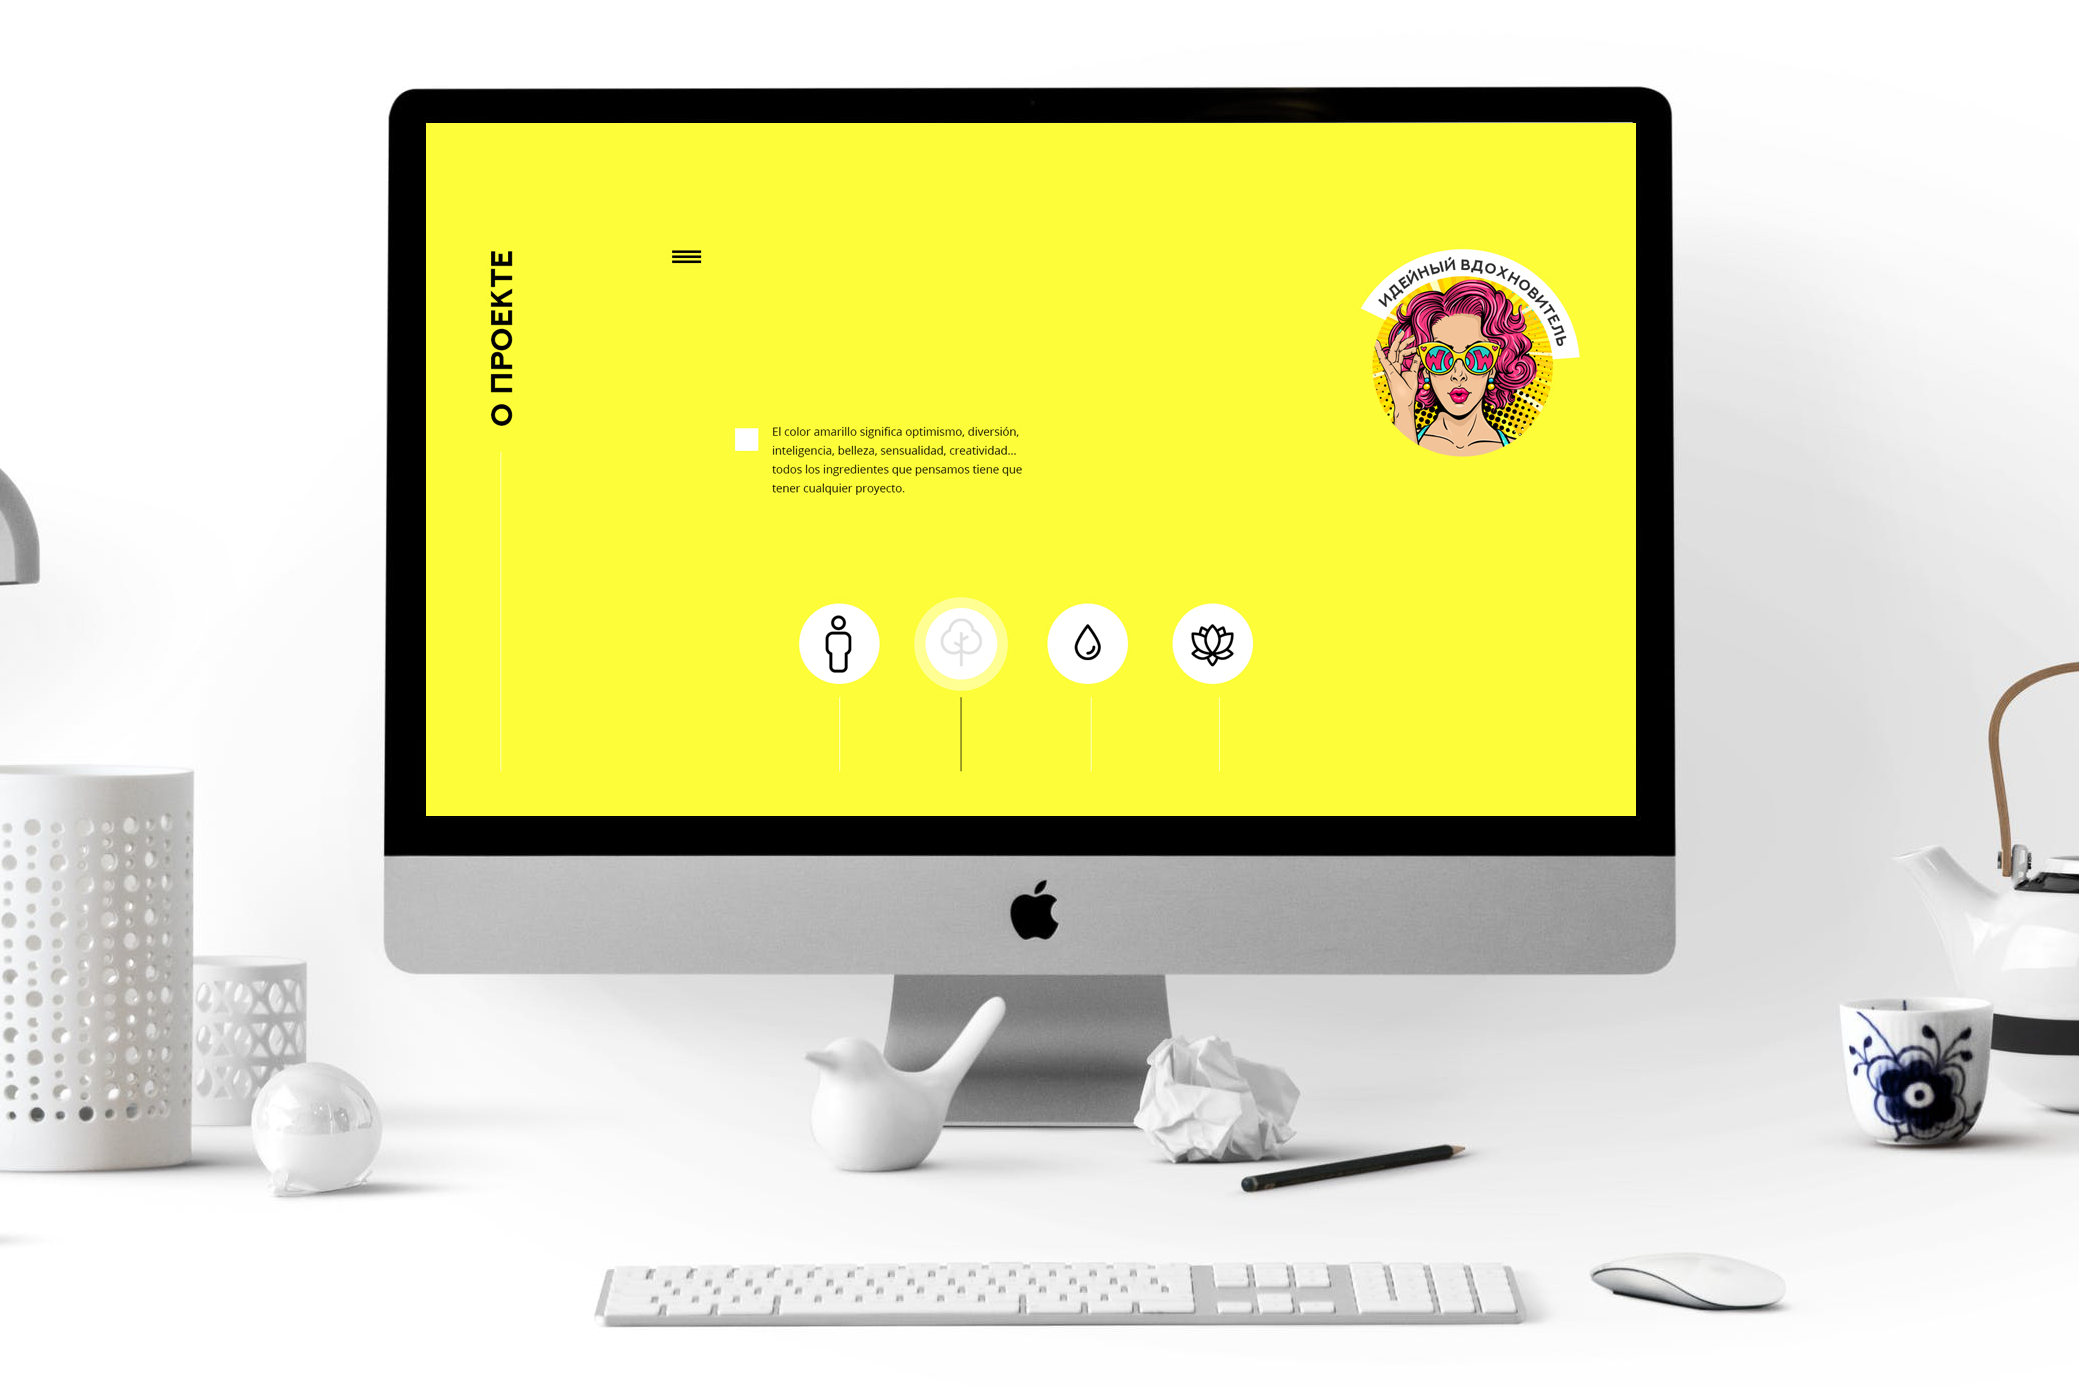 Креативный дизайн внутренней страницы портала для детей фото f_5935cfa3d668ff0e.jpg